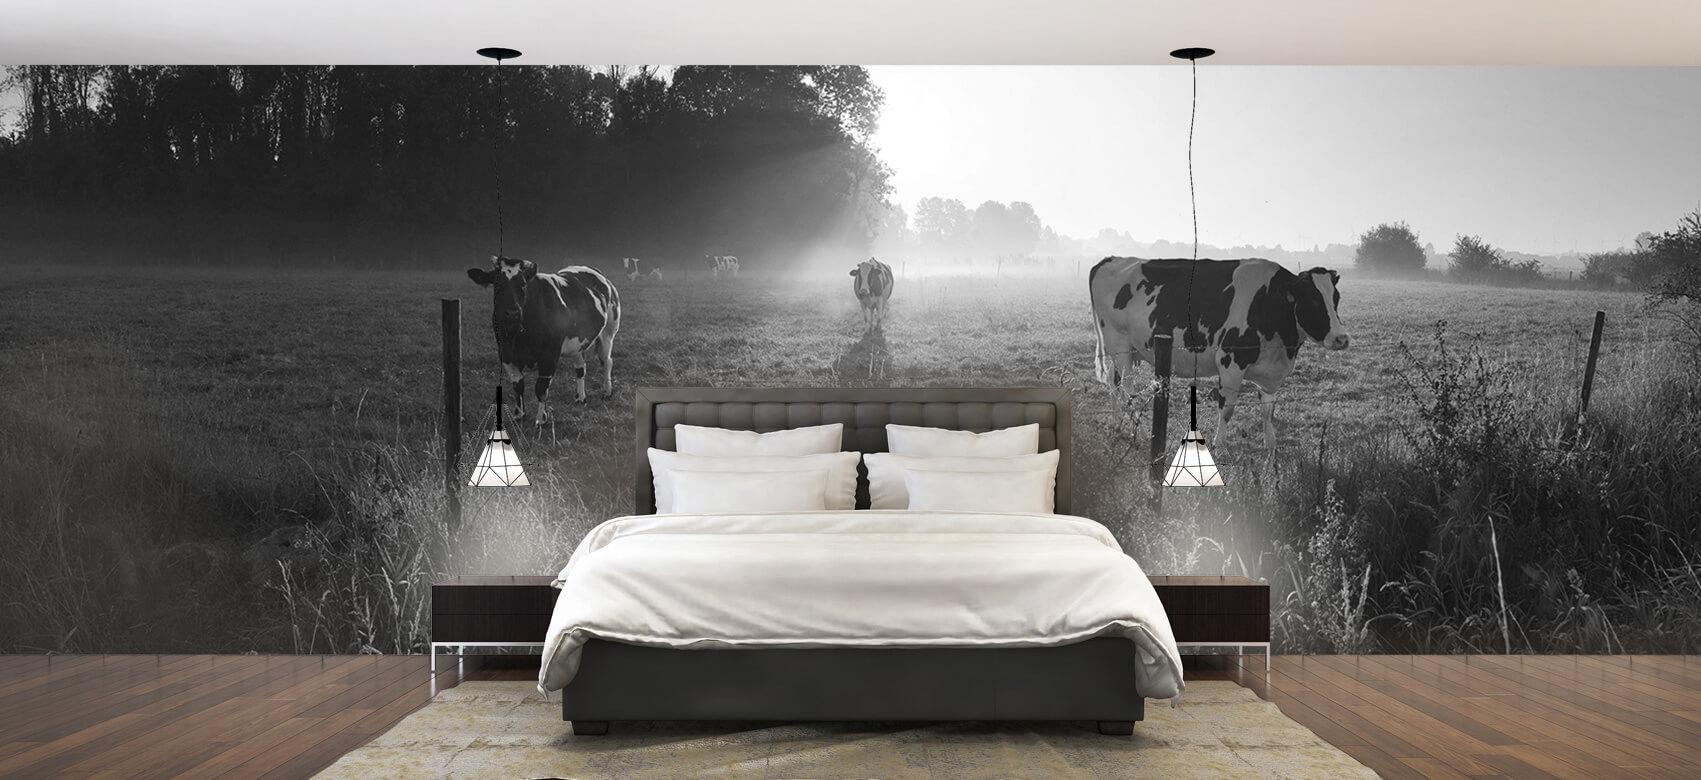 Dieren Koe tijdens zonsopkomst 2